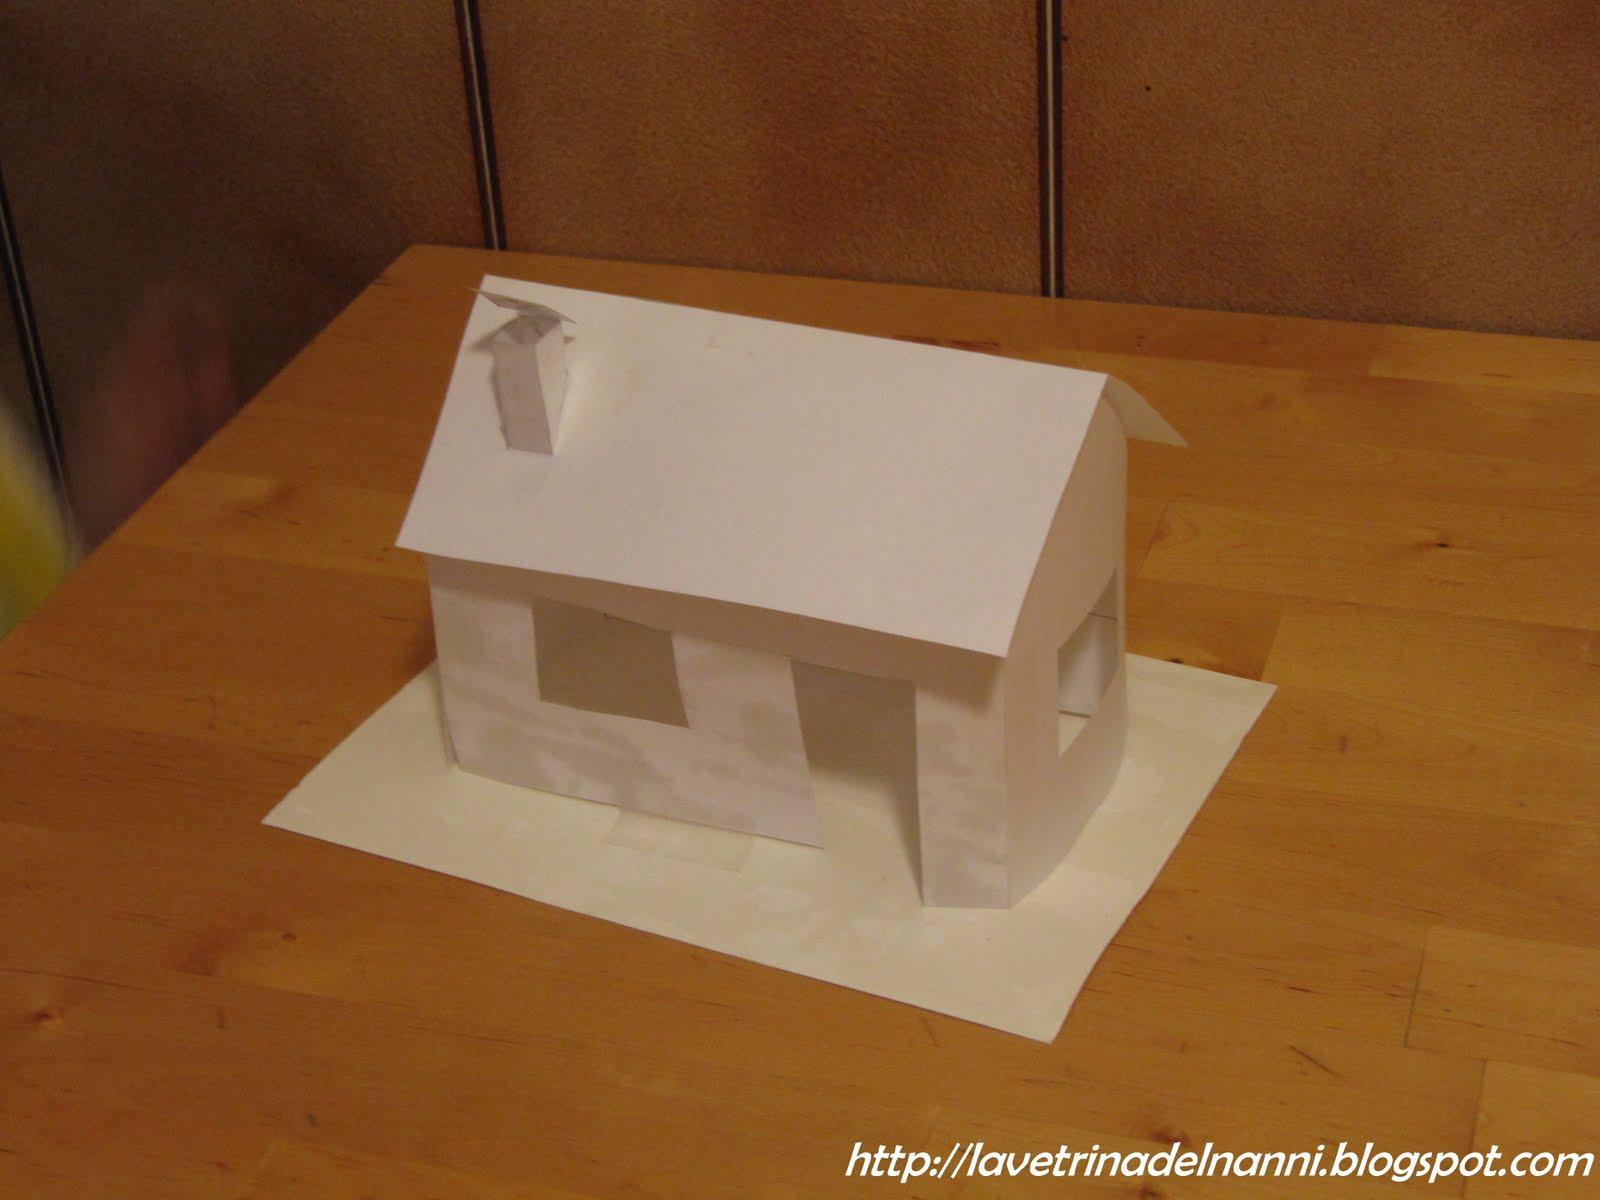 La vetrina del nanni casetta di pasta frolla - Casette di cartone da costruire ...